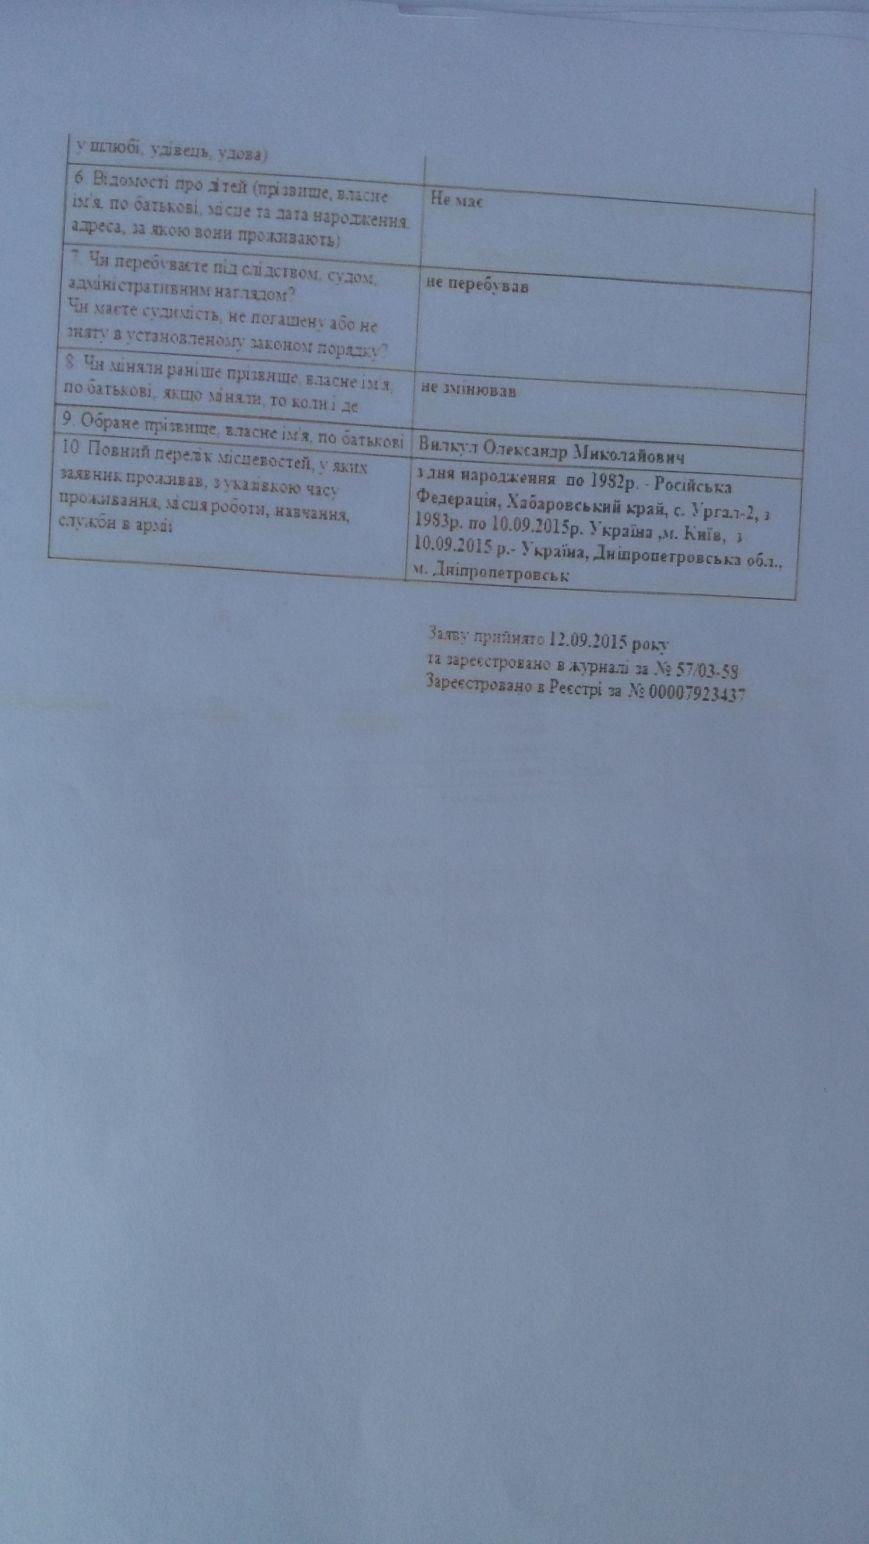 В Днепропетровске пытаются зарегистрировать двух людей под моим именем, чтобы вести грязную кампанию (фото) - фото 2